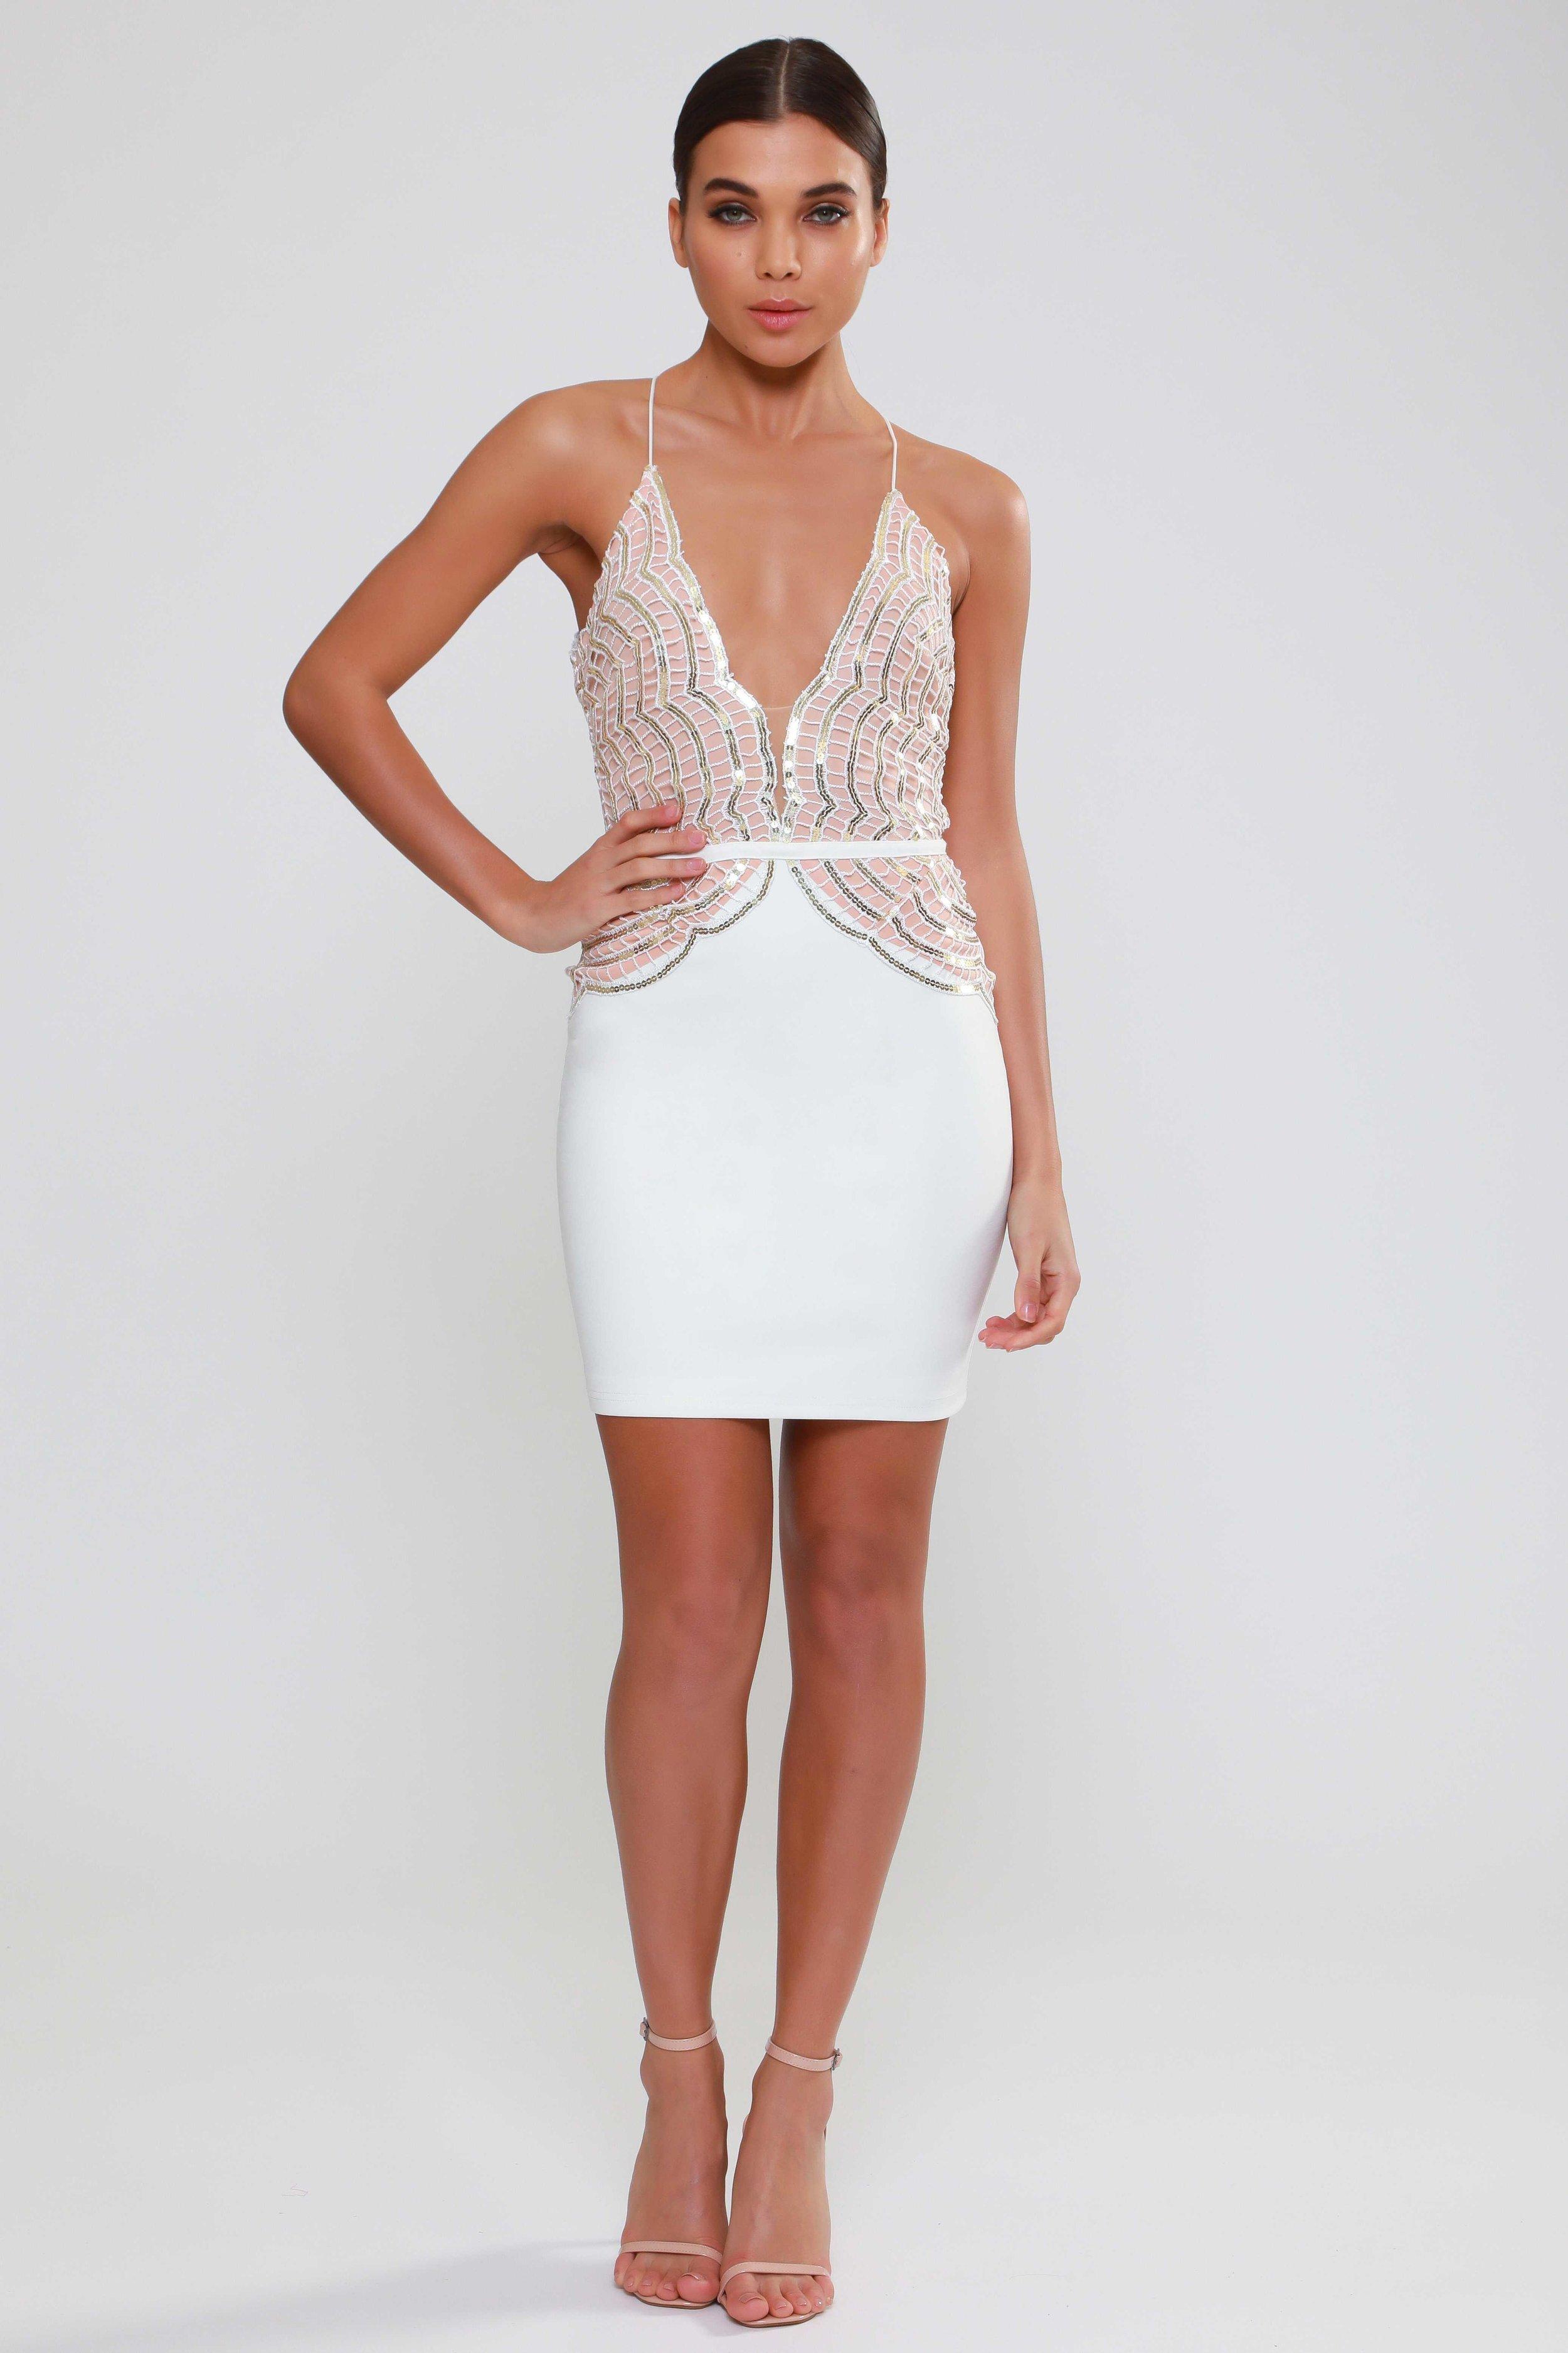 Sequin White  Mini Dress   £65.00